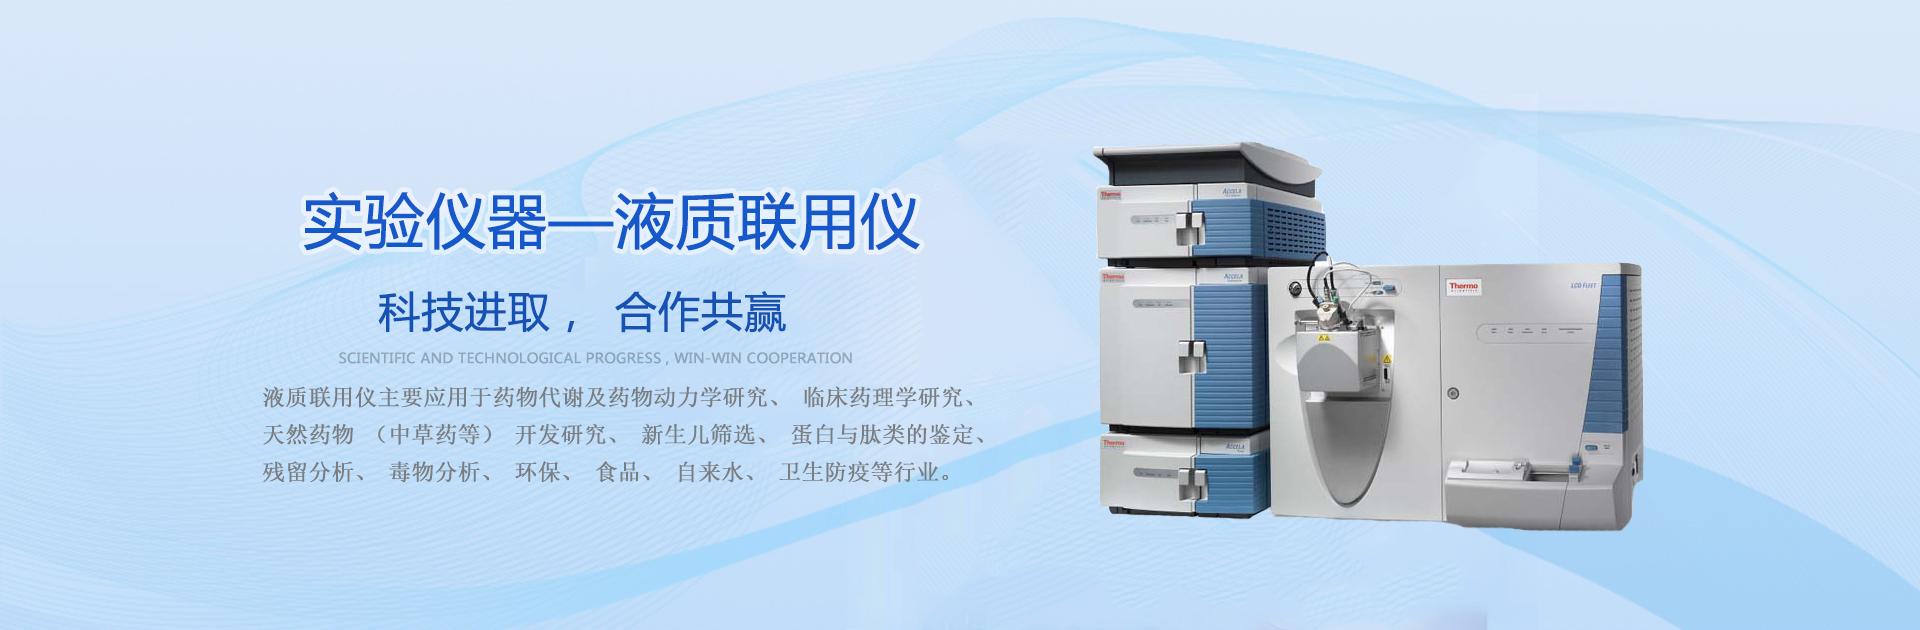 贵州实验室台柜